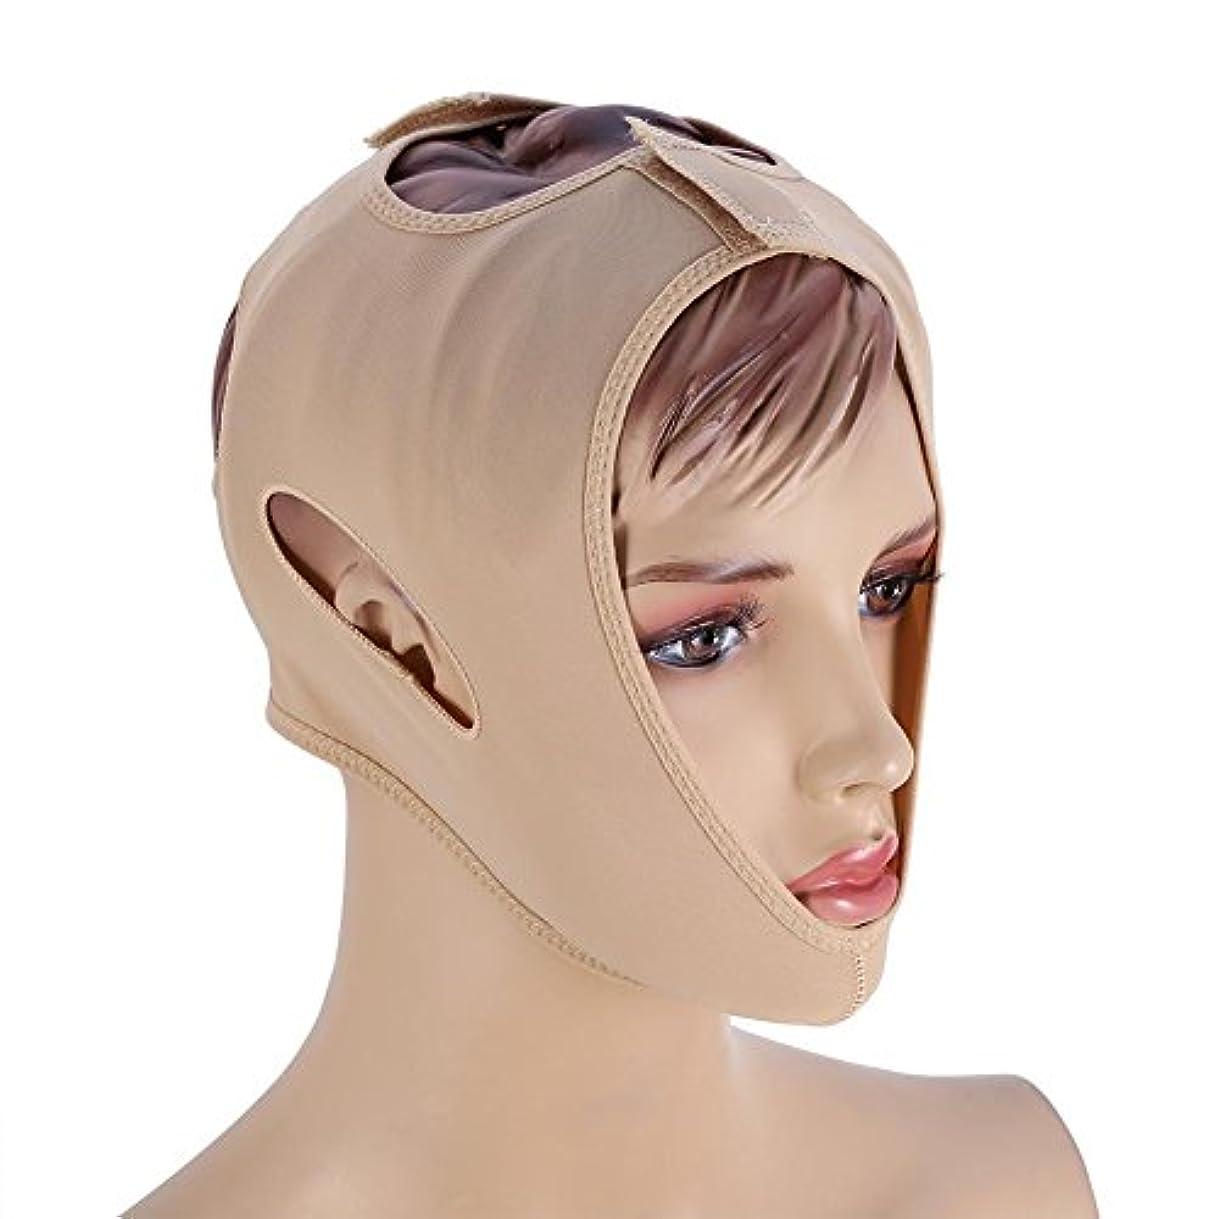 両方粘着性おじいちゃんフェイスベルト 額、顎下、頬リフトアップ 小顔 美顔 頬のたるみ 引き上げマスク便利 伸縮性 繊維 (L码)